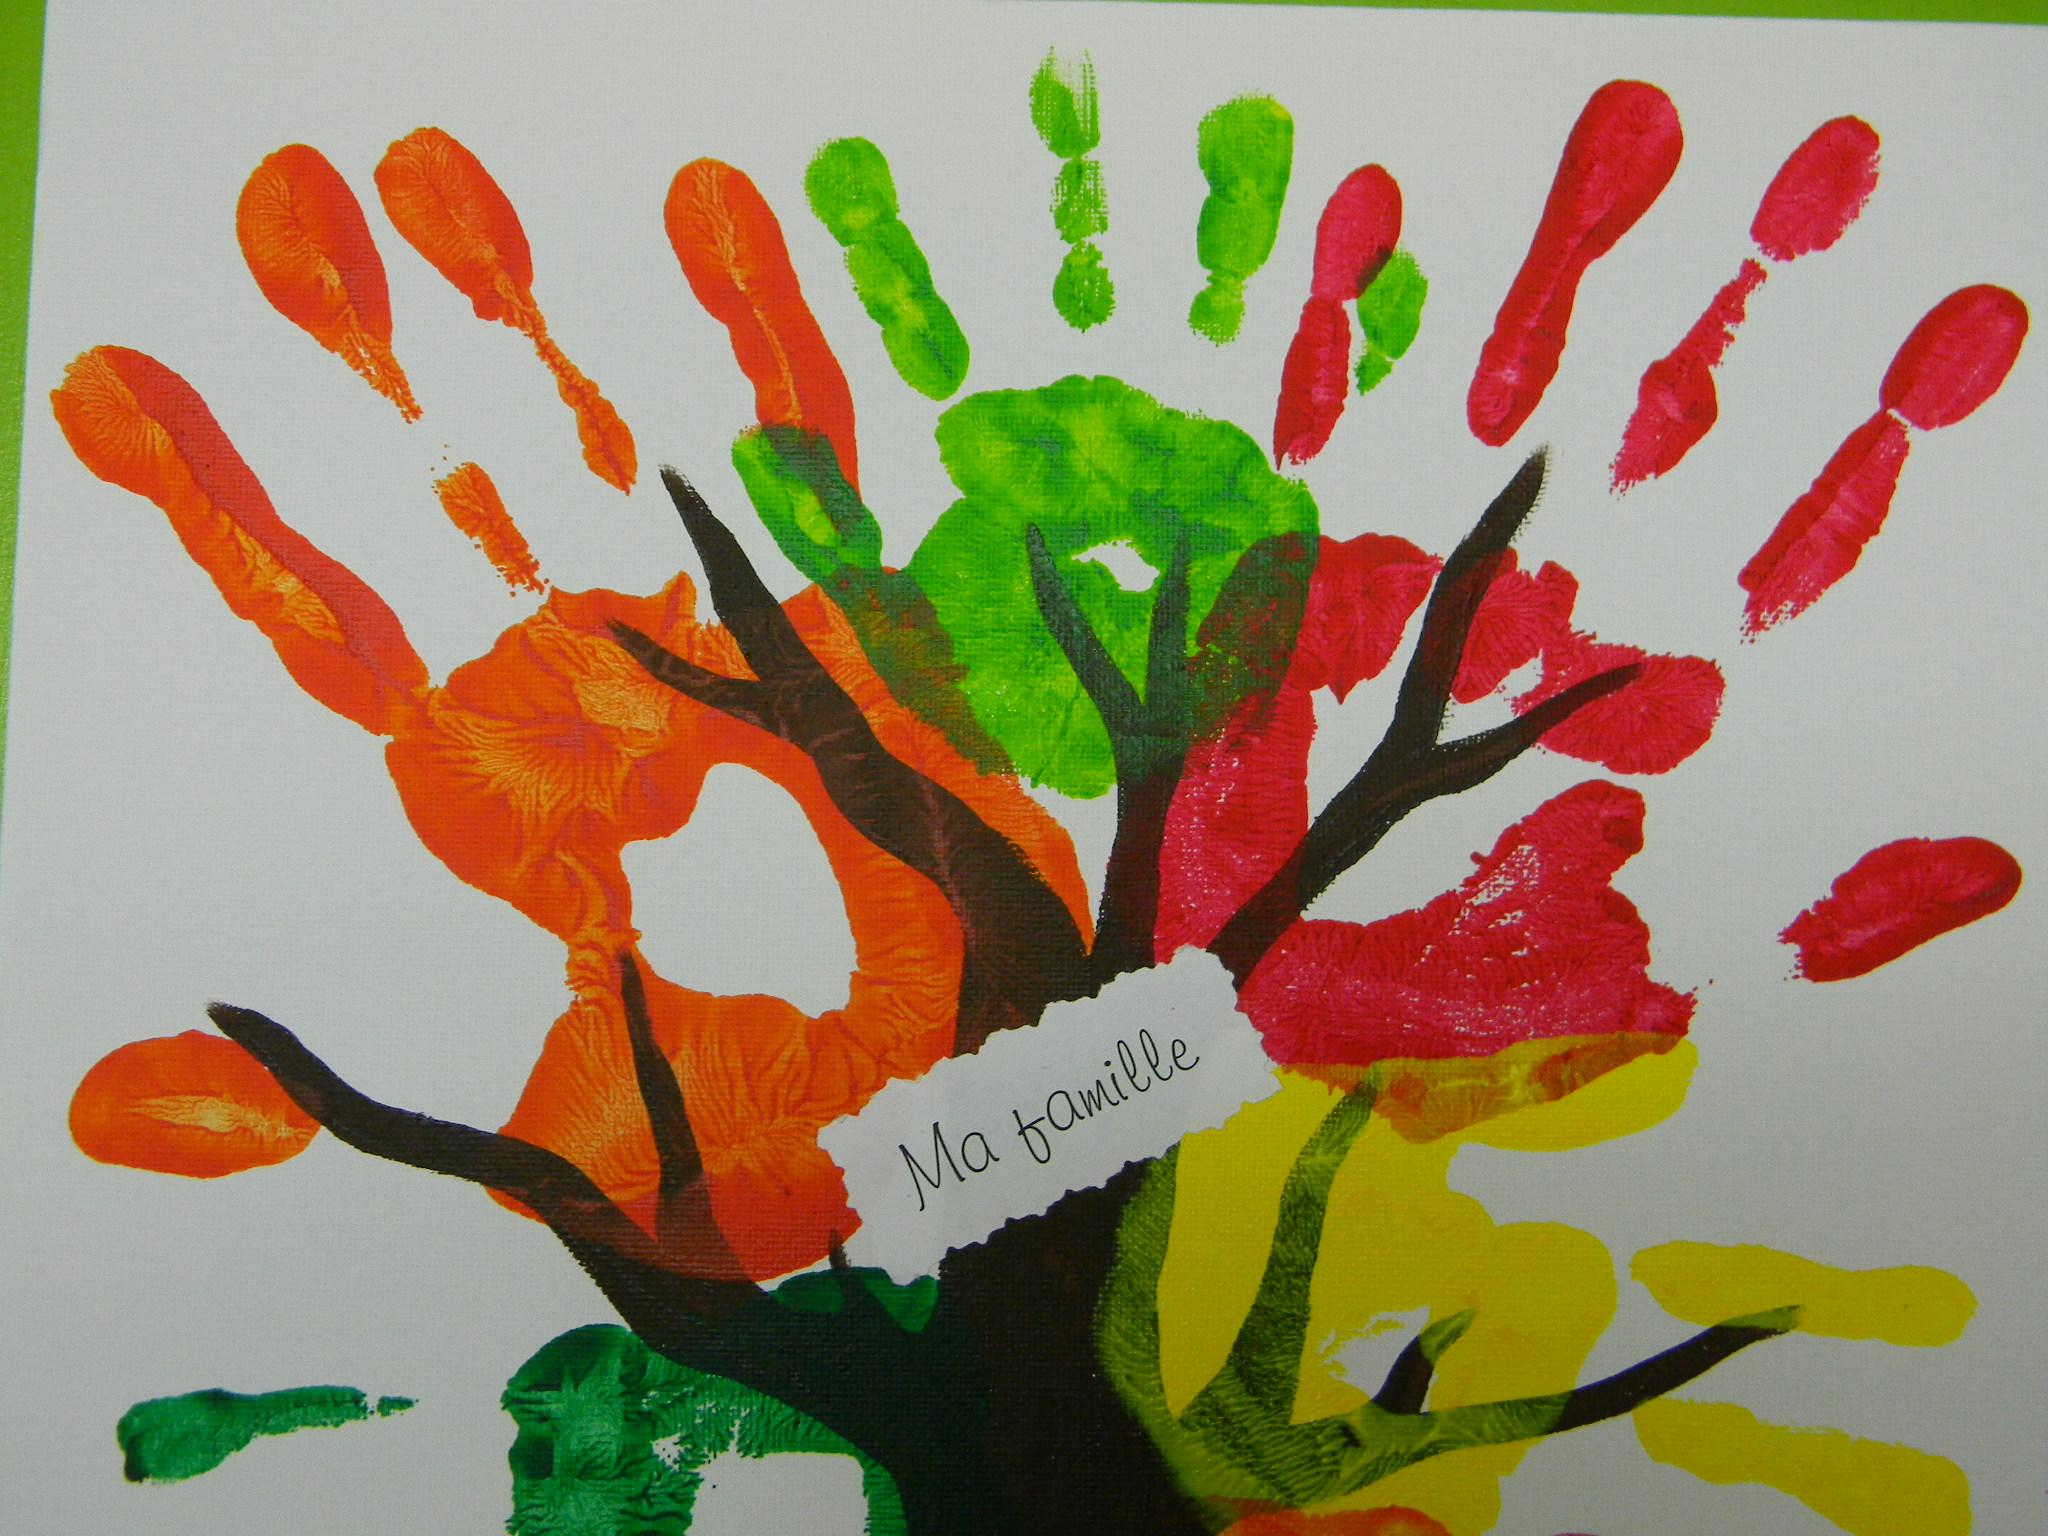 Peindre et cr er pour le plaisir cole des sens et autisme - Peinture main enfant ...